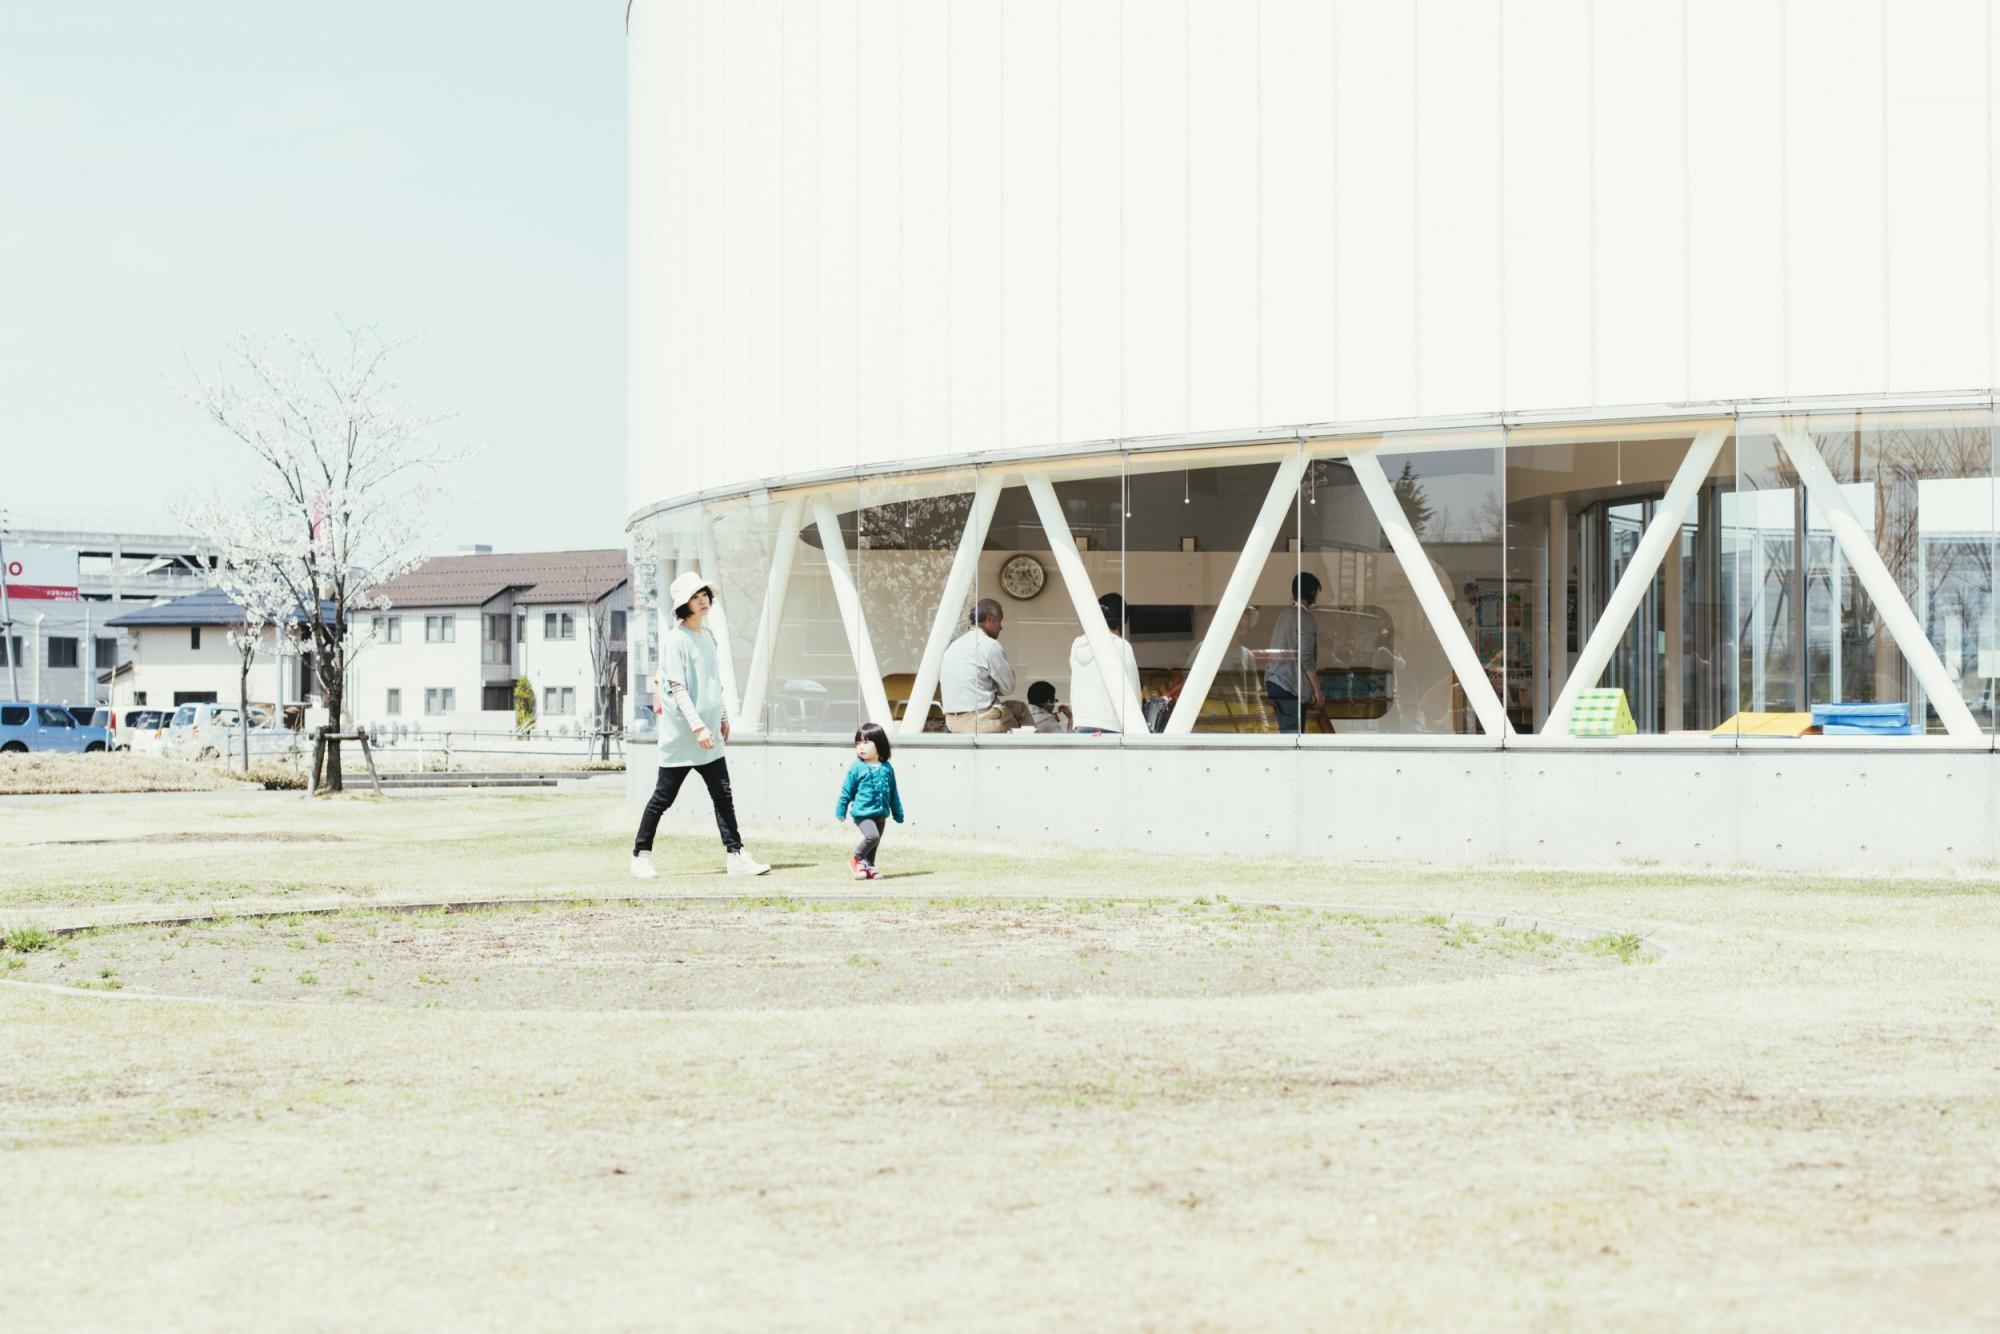 施設のまわりは散歩に最適。園路の先は、信濃川の遊歩道につながっている。